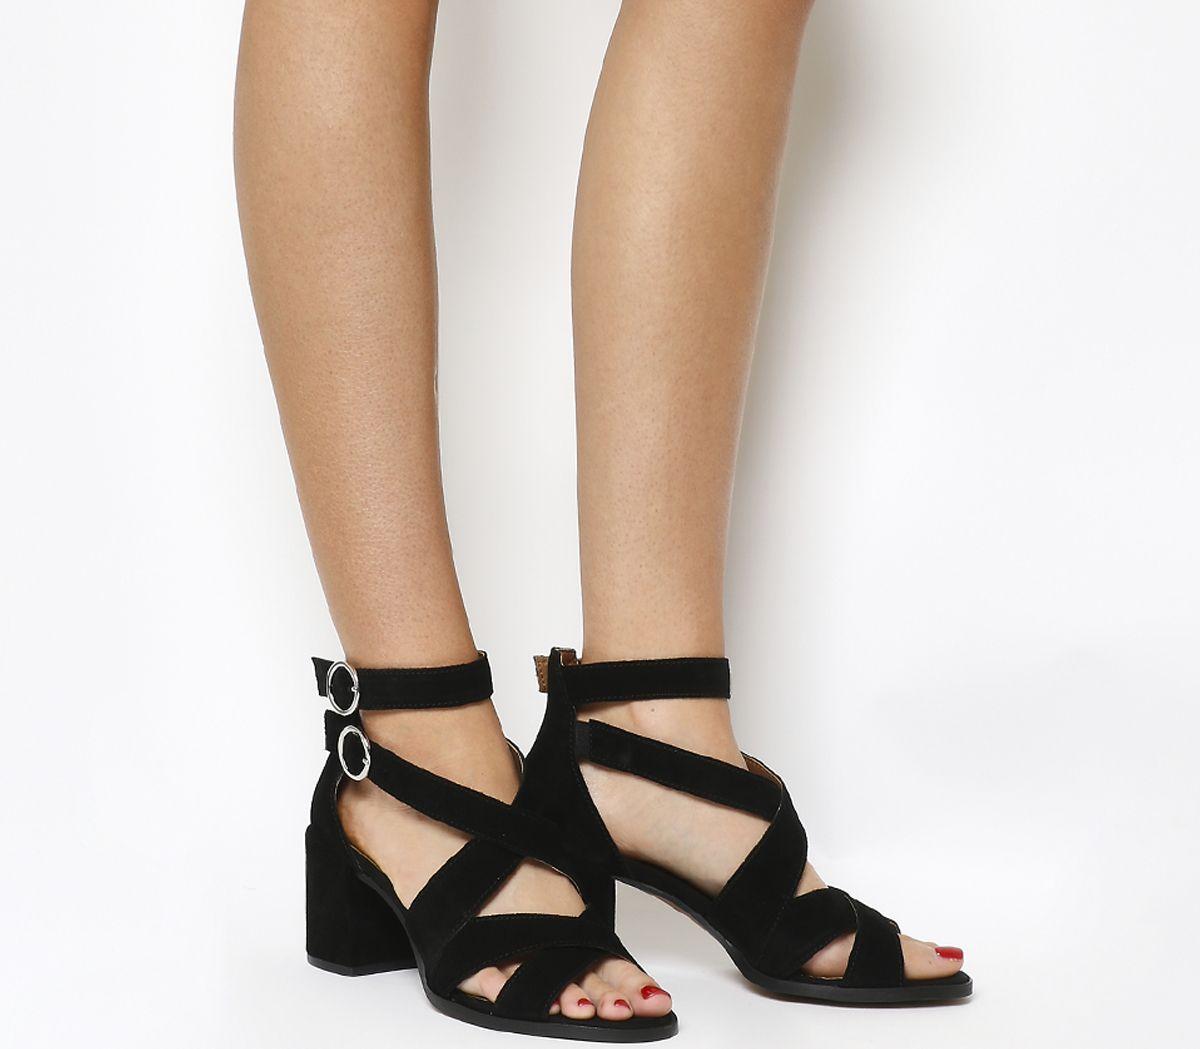 c98759d2ba0 Office Market Cuff Block Heel Sandals Black Suede - Mid Heels